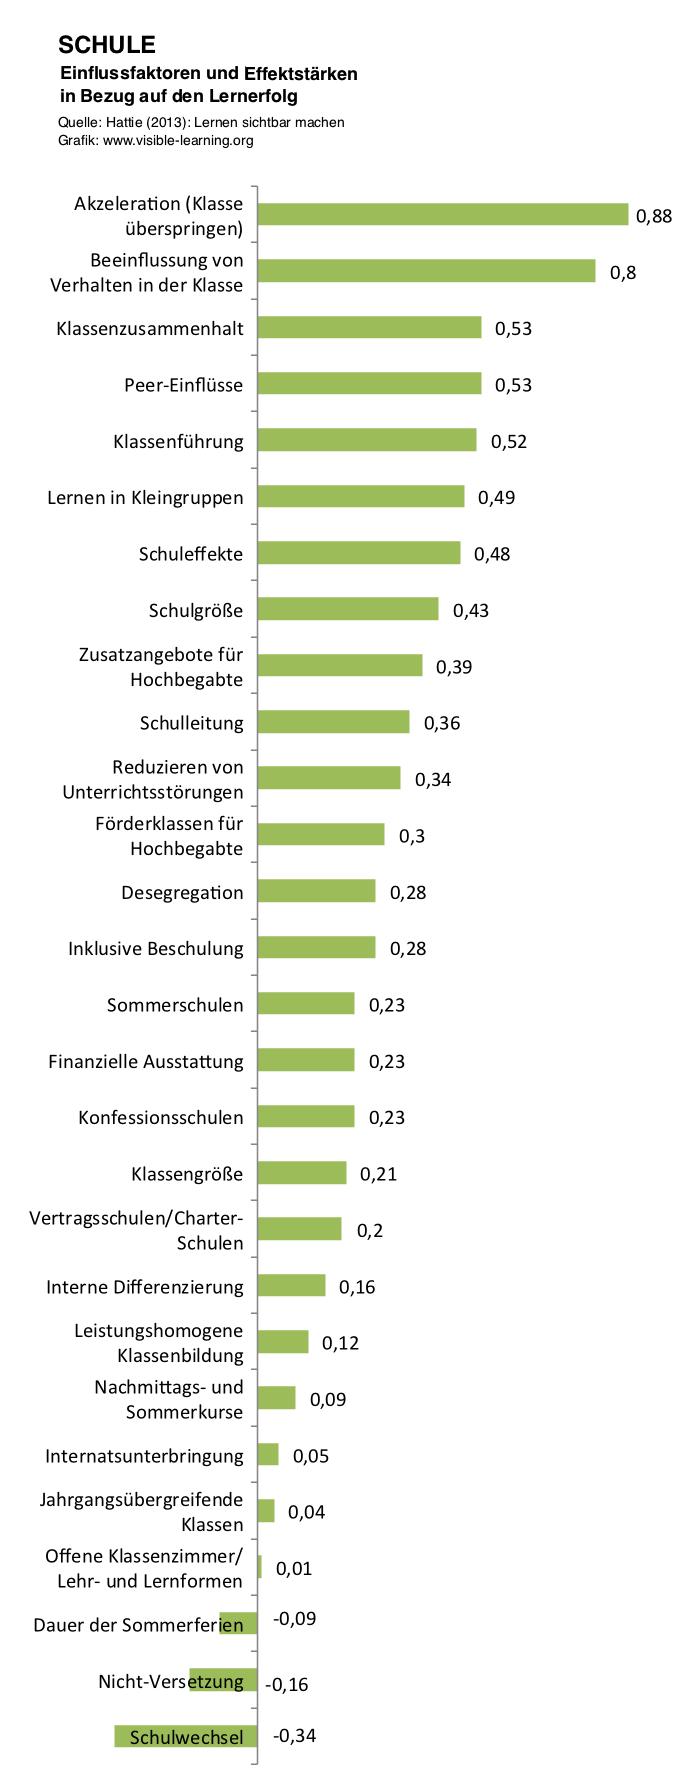 SCHULE_hattie-studie-lernen-sichtbar-machen-rangliste-effektstaerken-einflussfaktoren-deutsch